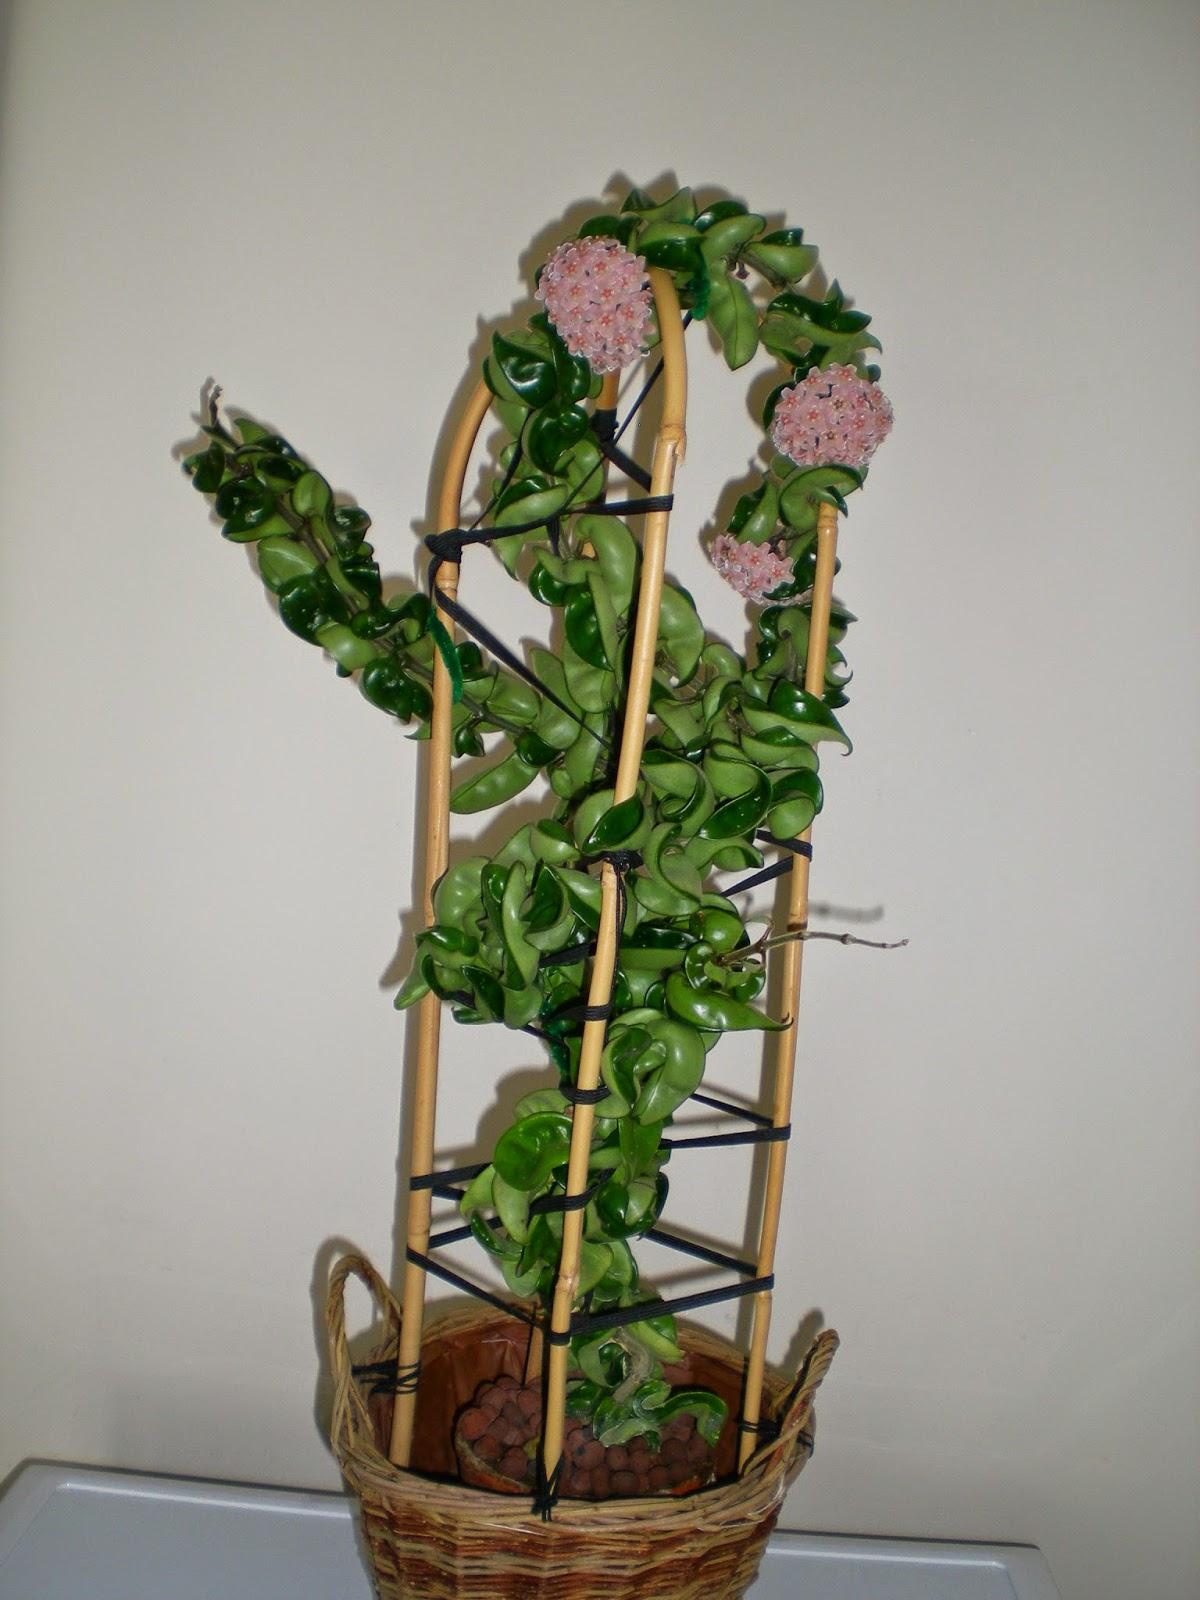 plante grimpante interieur elegant screenpot with plante grimpante interieur trendy am dans. Black Bedroom Furniture Sets. Home Design Ideas